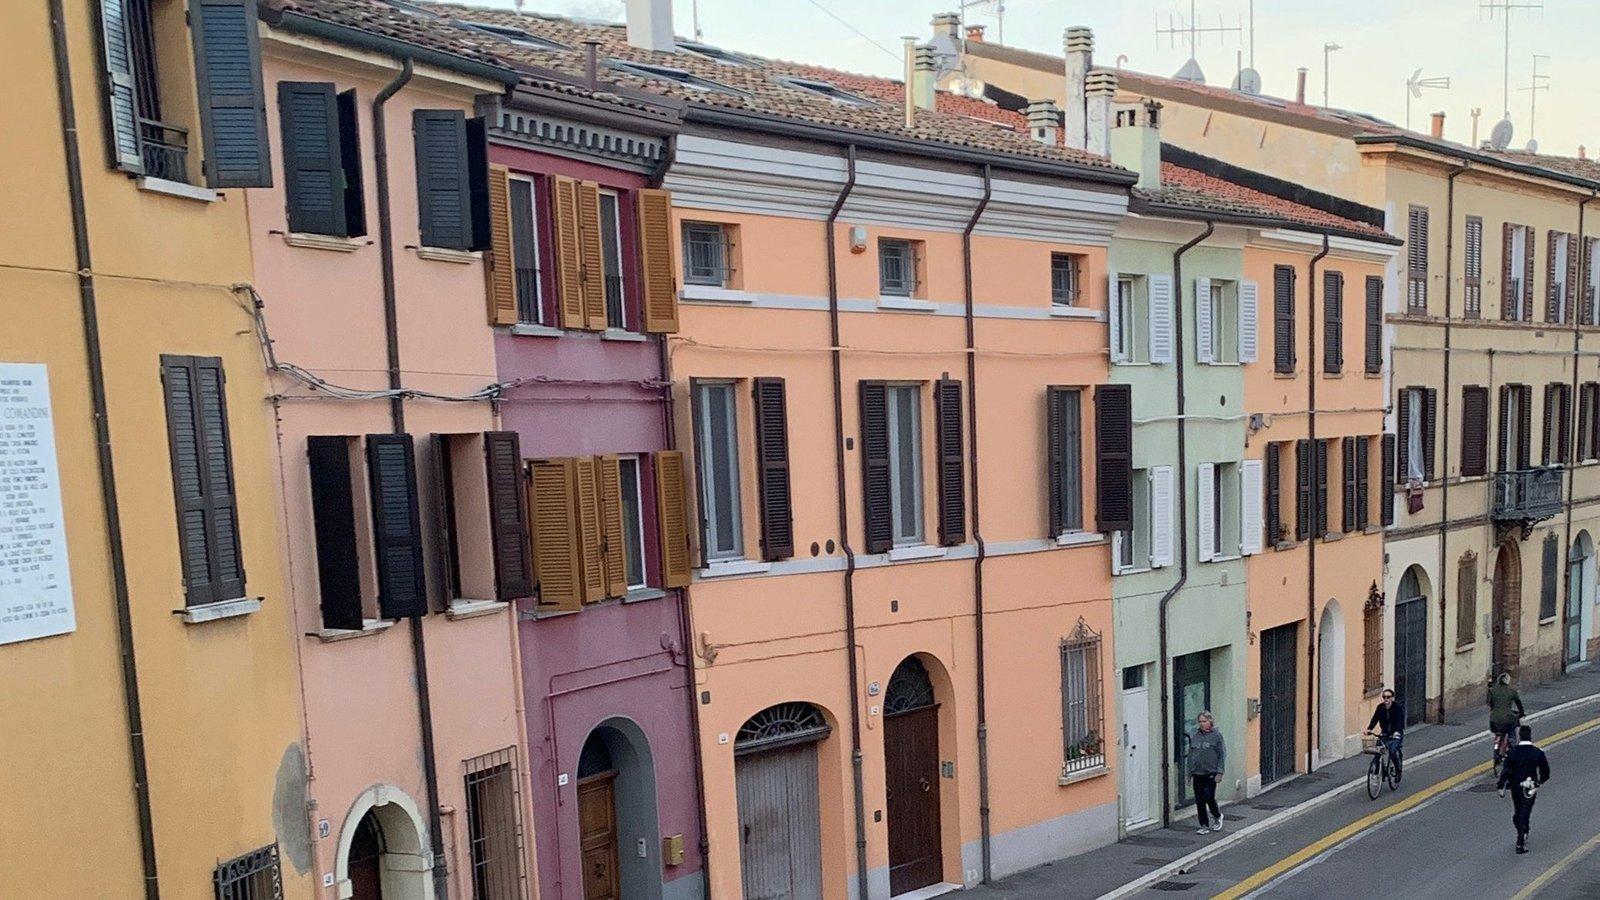 Petizione · STOP al traffico in Corso Ubaldo Comandini a ...